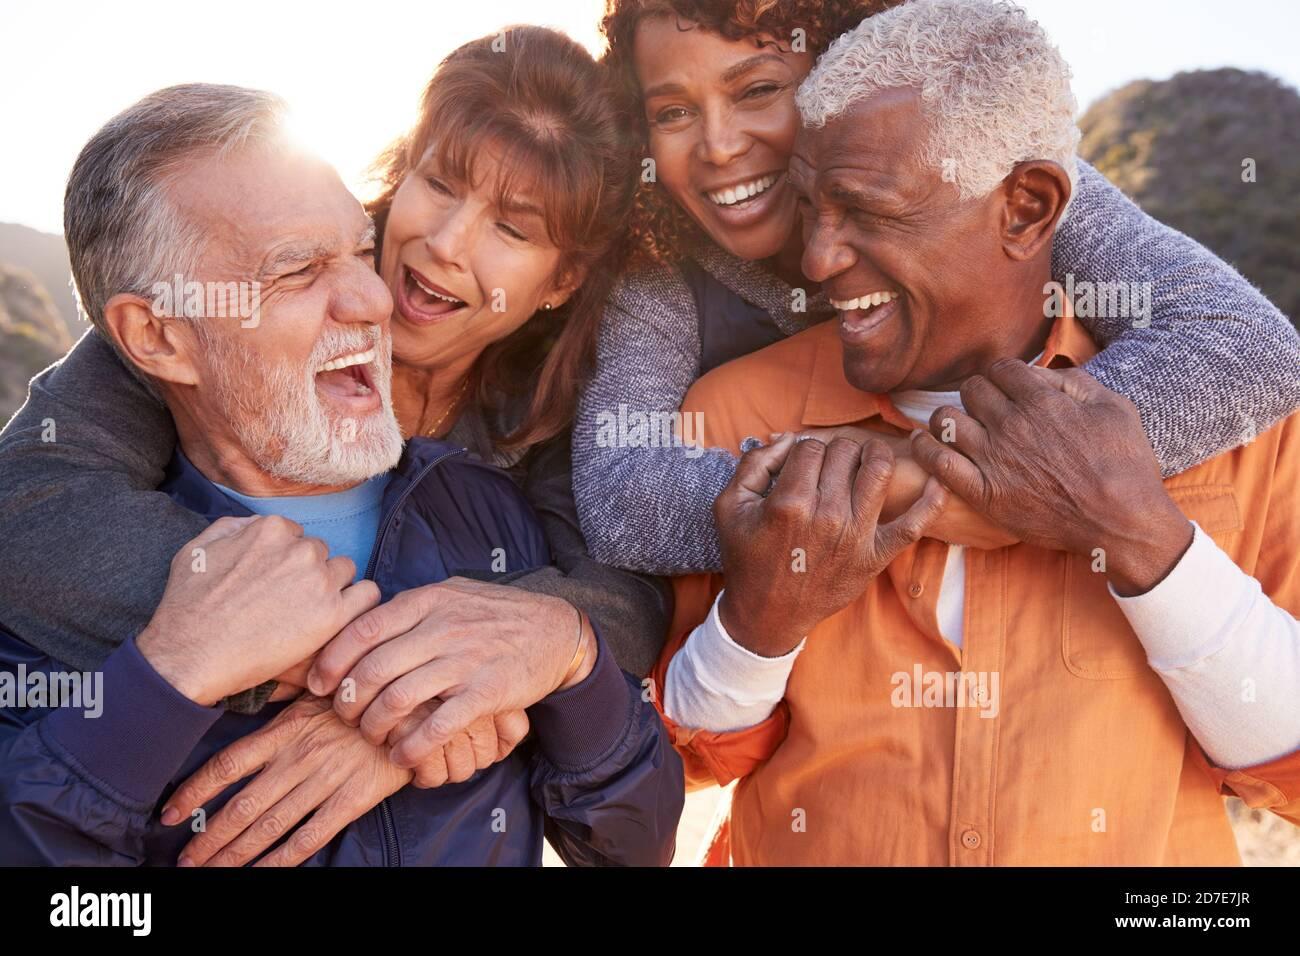 Des amis aînés souriants se sont amusés à marcher ensemble dans la campagne Banque D'Images